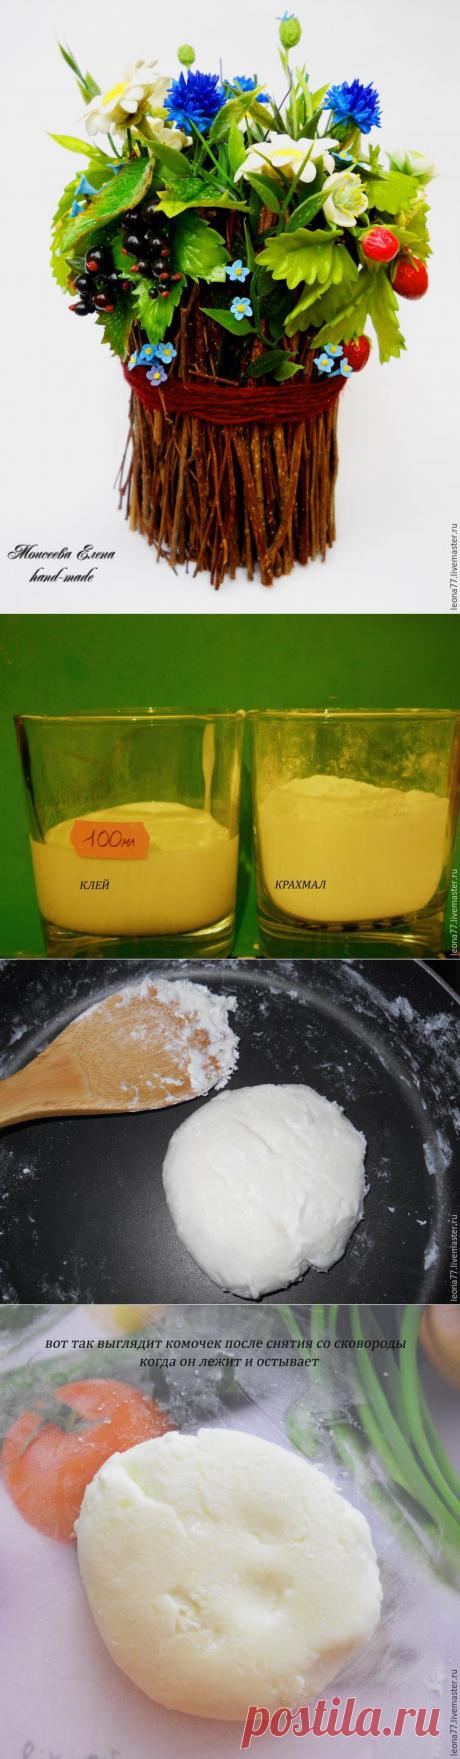 Простой и доступный рецепт холодного фарфора, который получается всегда: